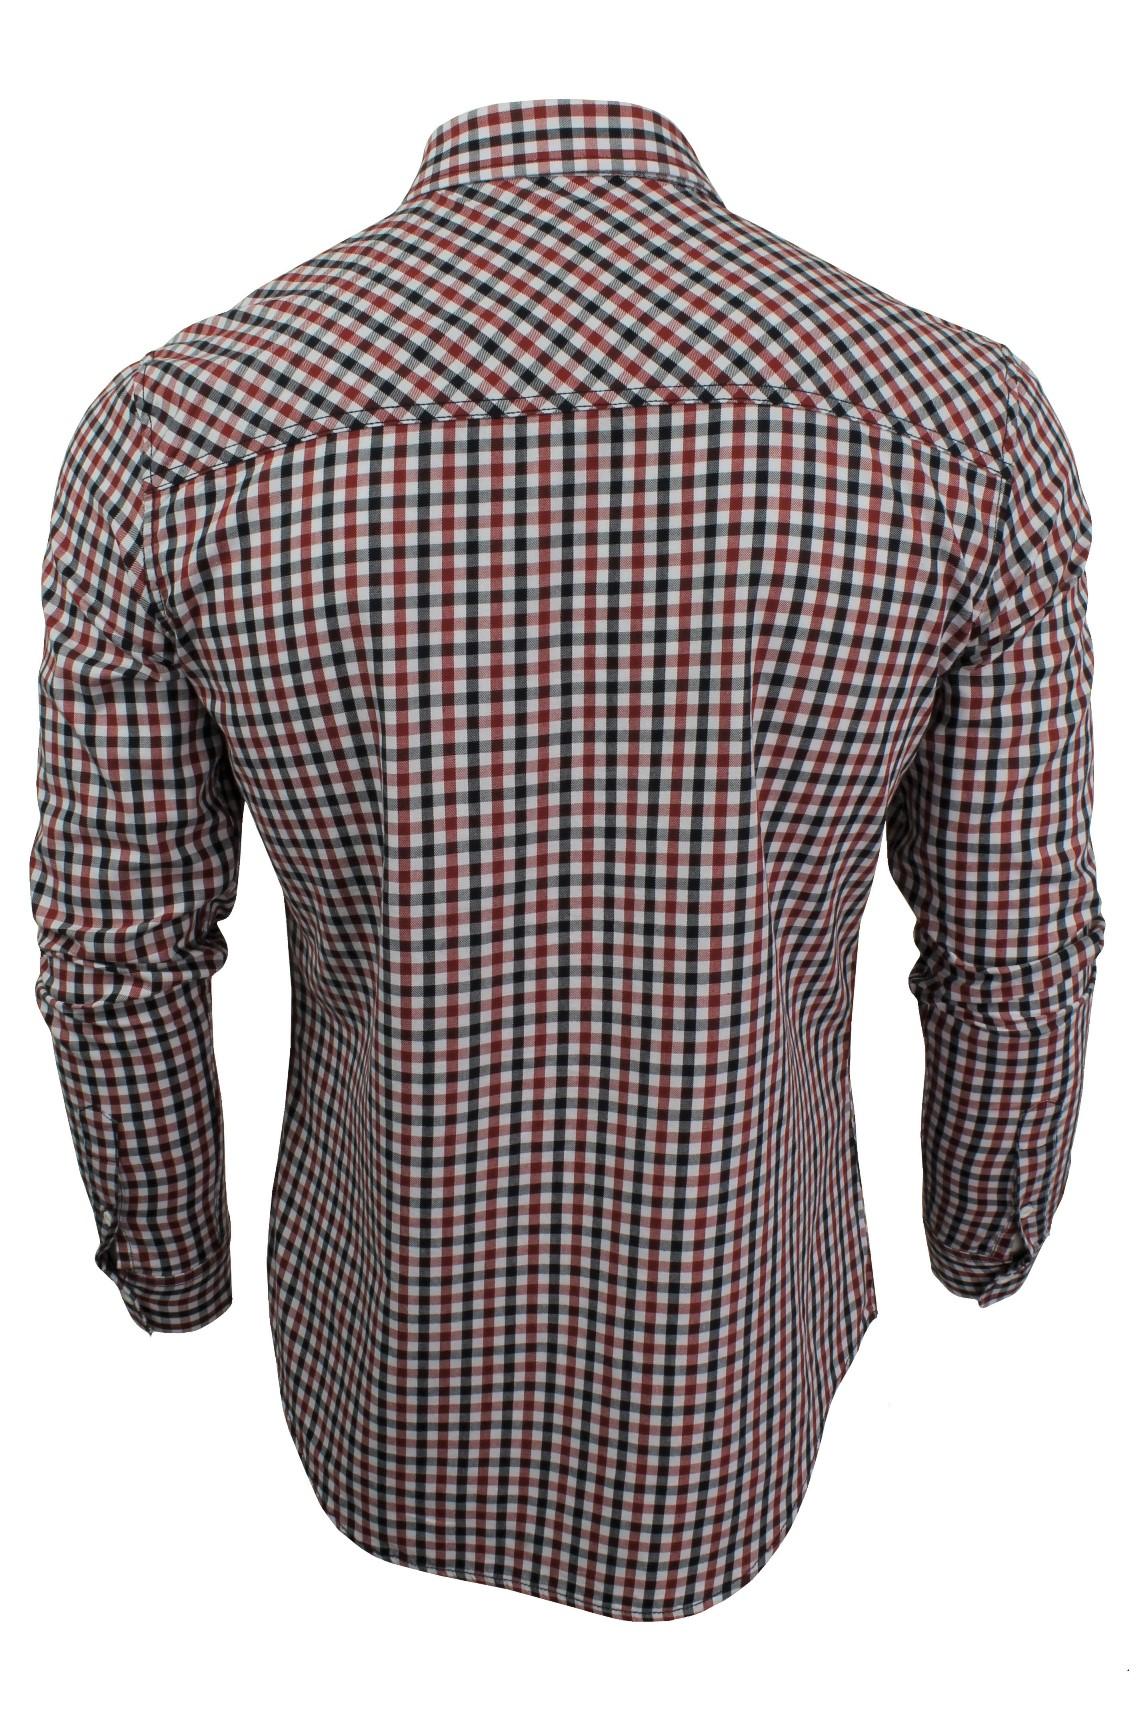 Mens-Gingham-Check-Shirt-by-Crosshatch-039-Larix-039 thumbnail 8